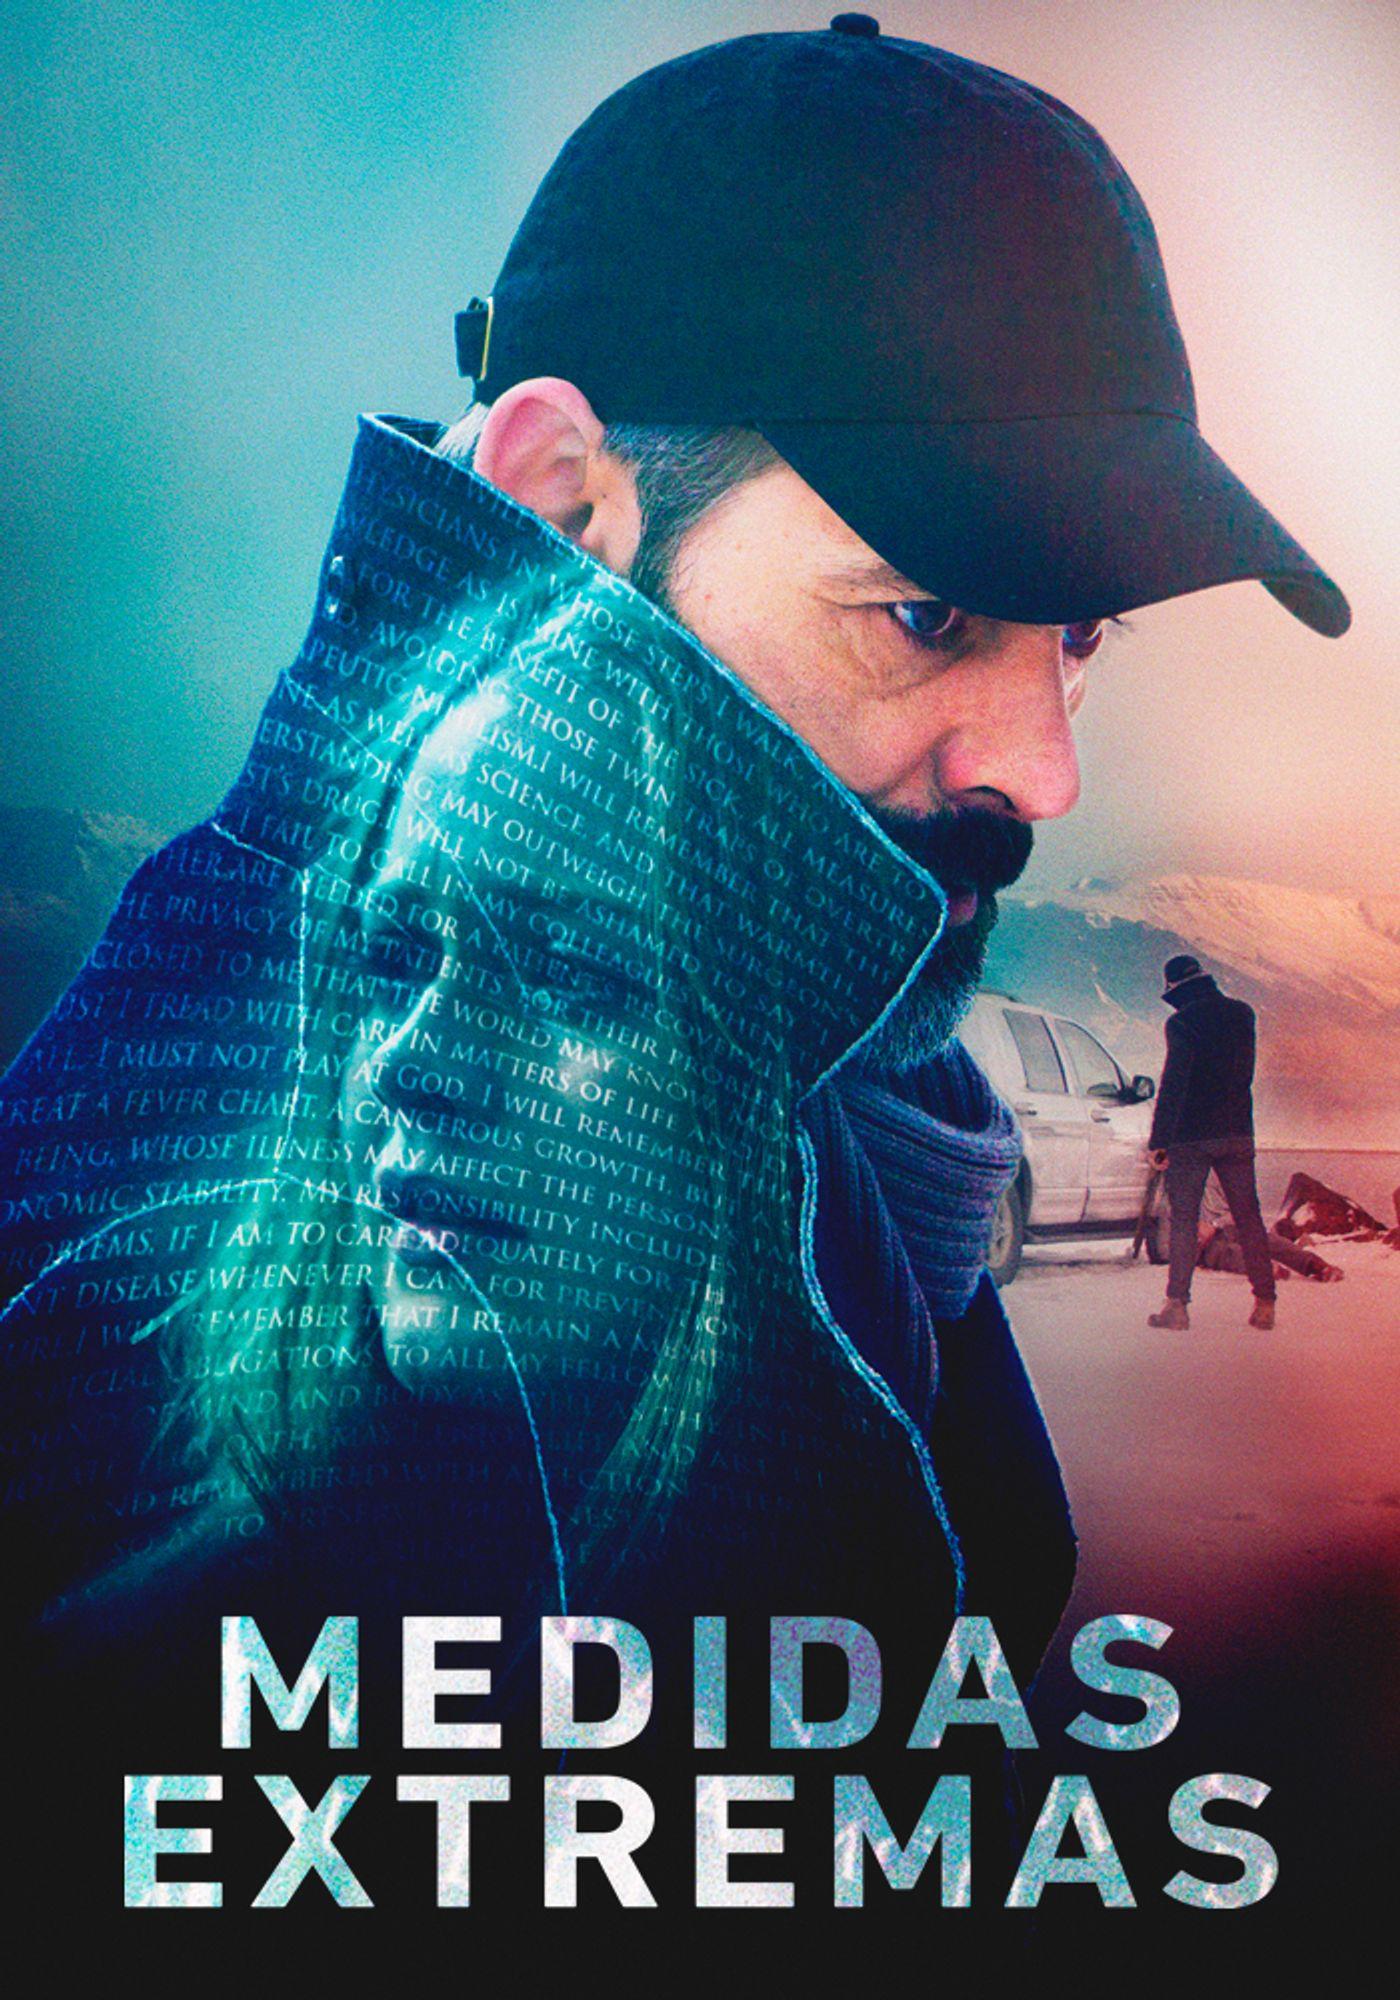 MedidasExtremas_MITELE-PLUS_700x1000